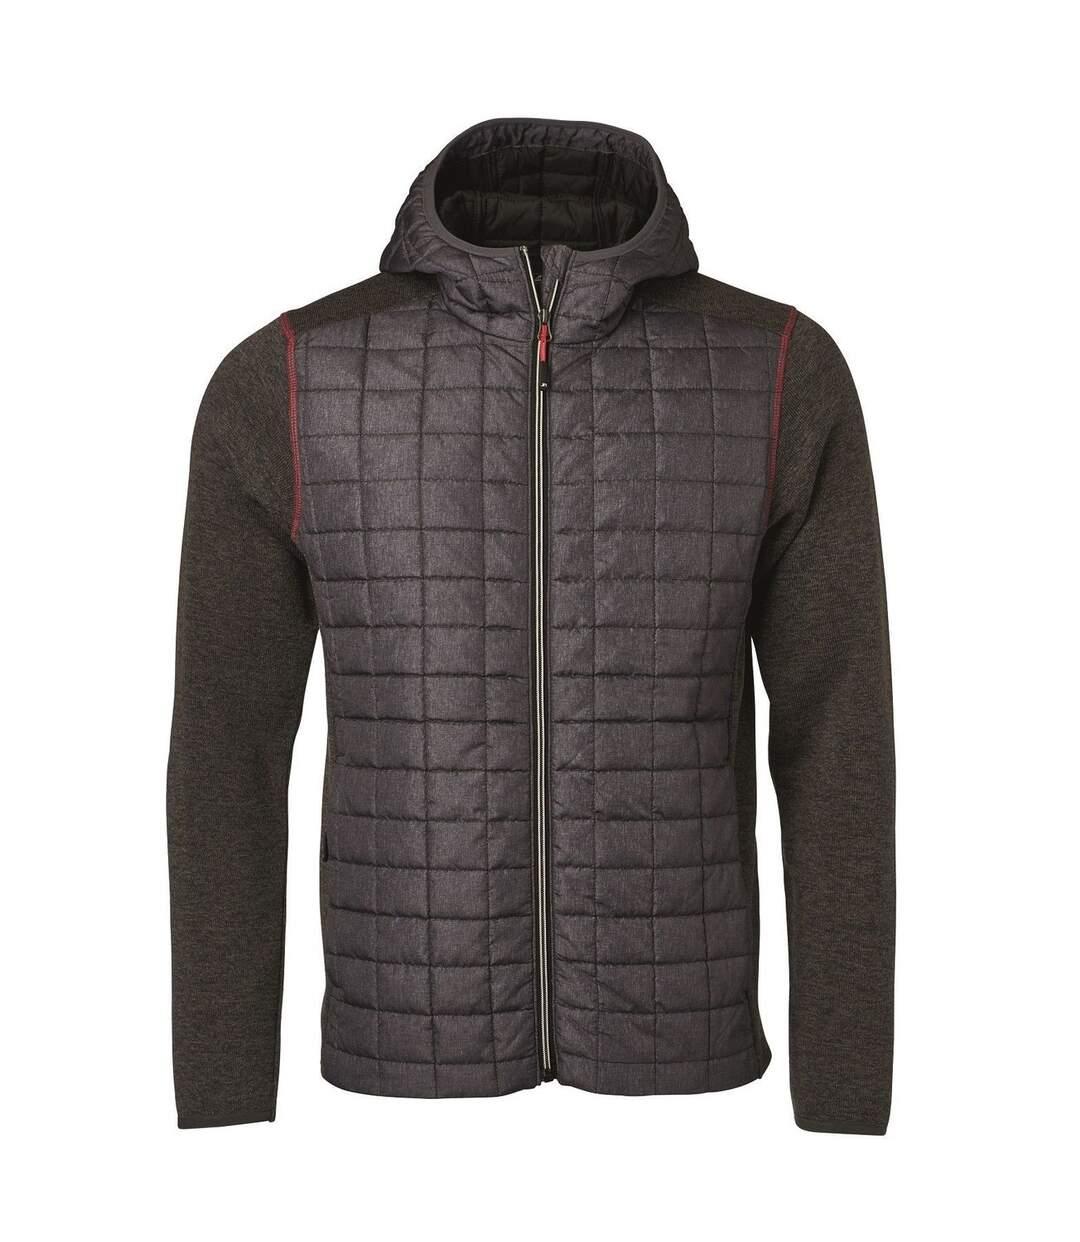 Veste tricot hybride matelassée - homme - JN772 - gris foncé mélange